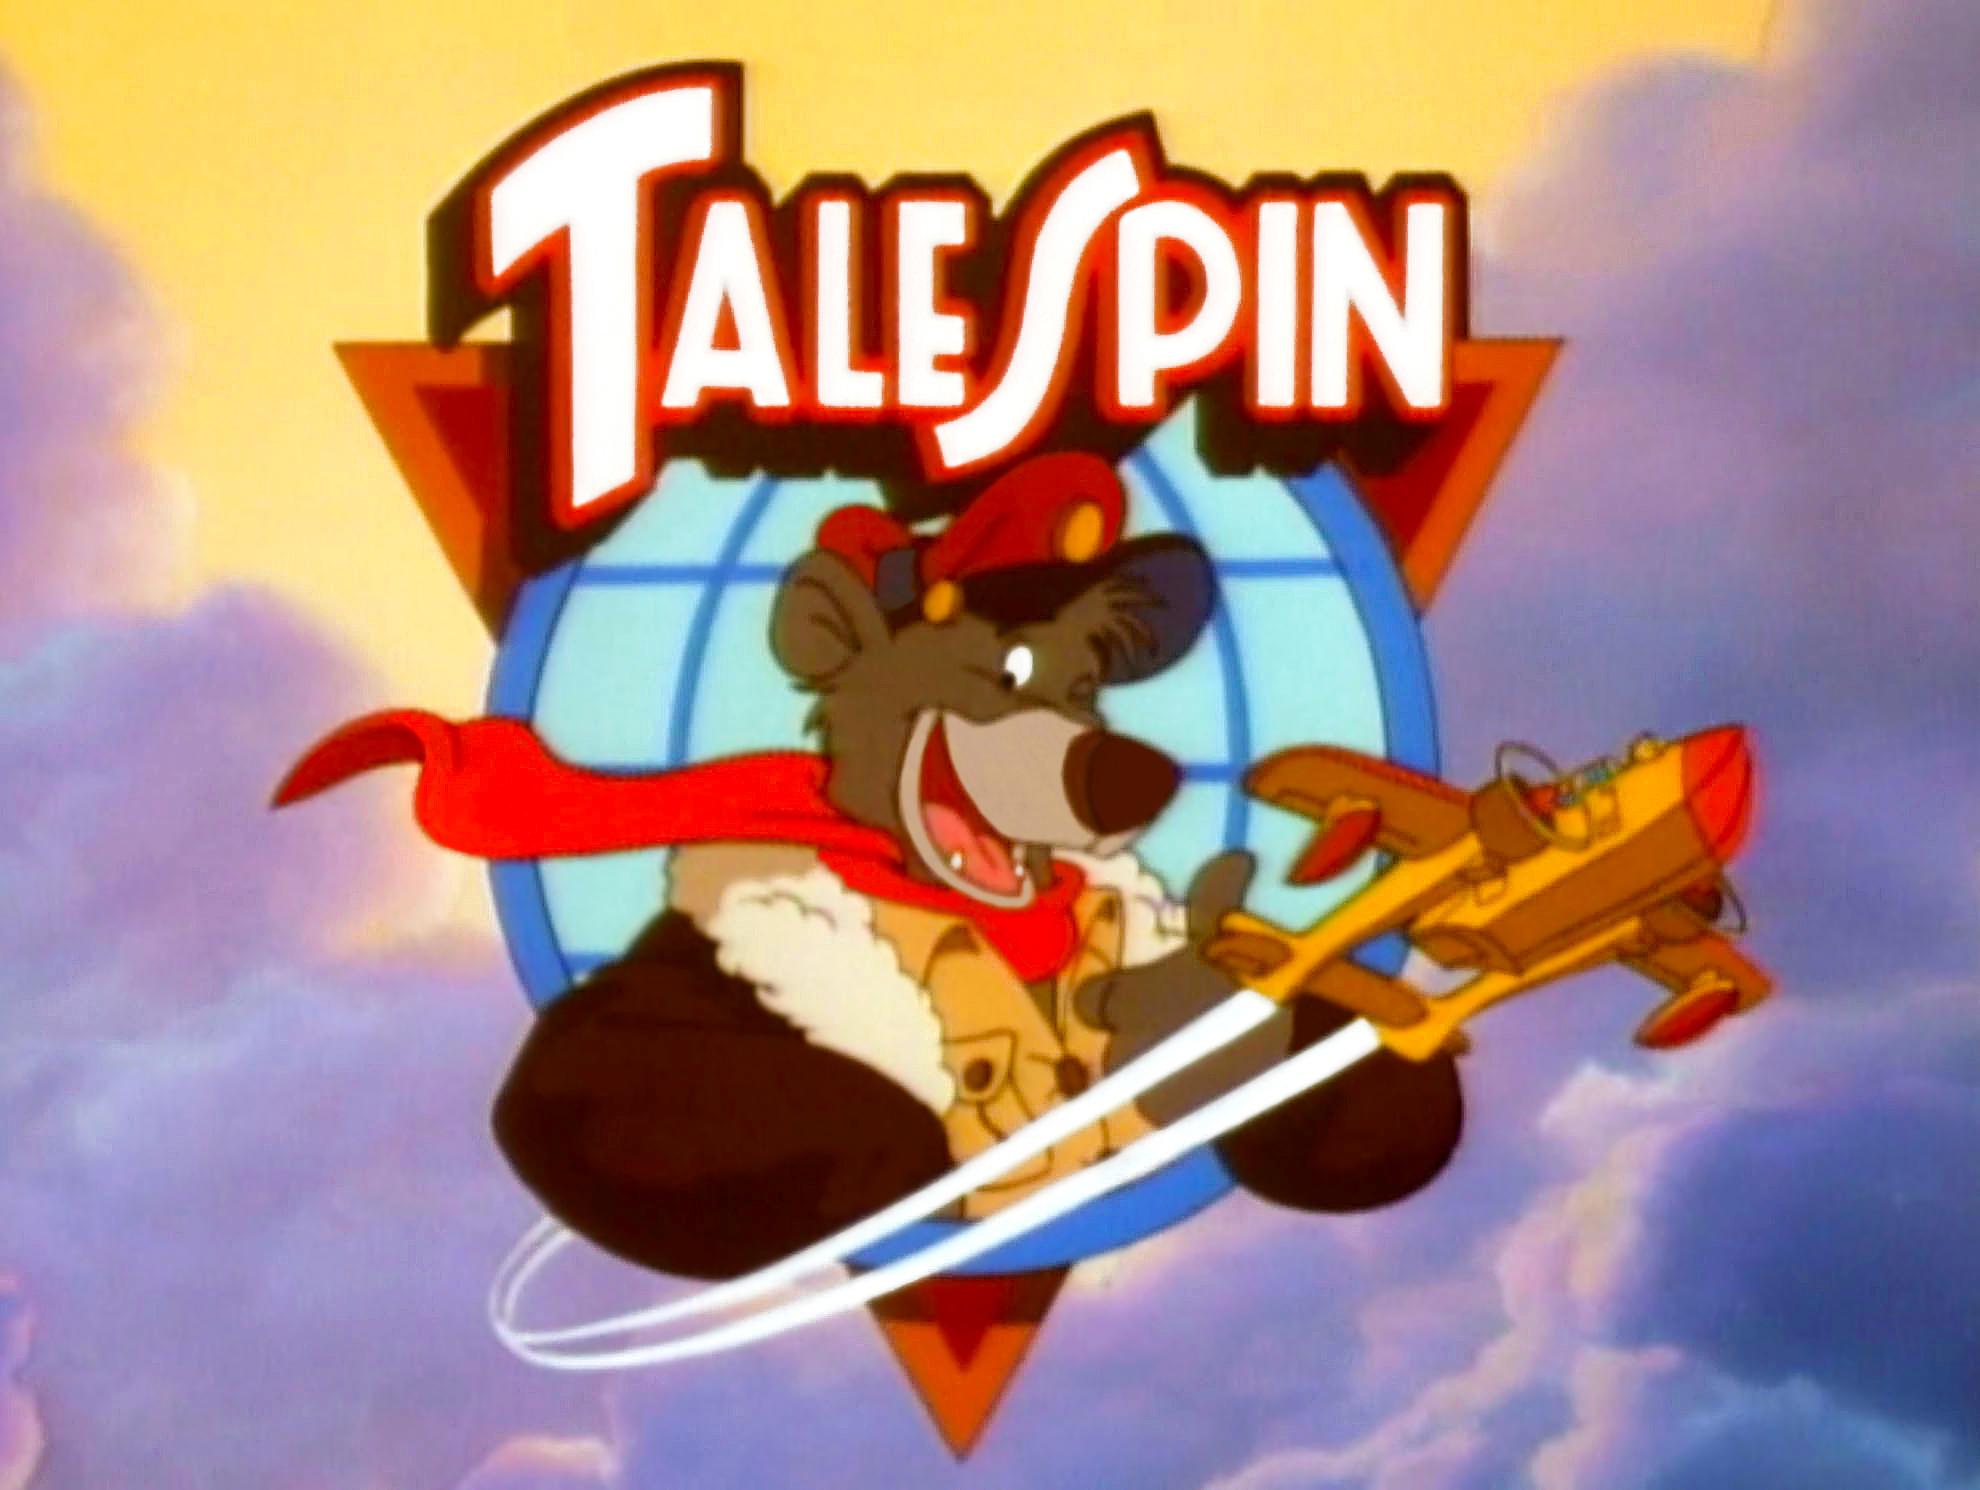 Fil:Talespin.jpg